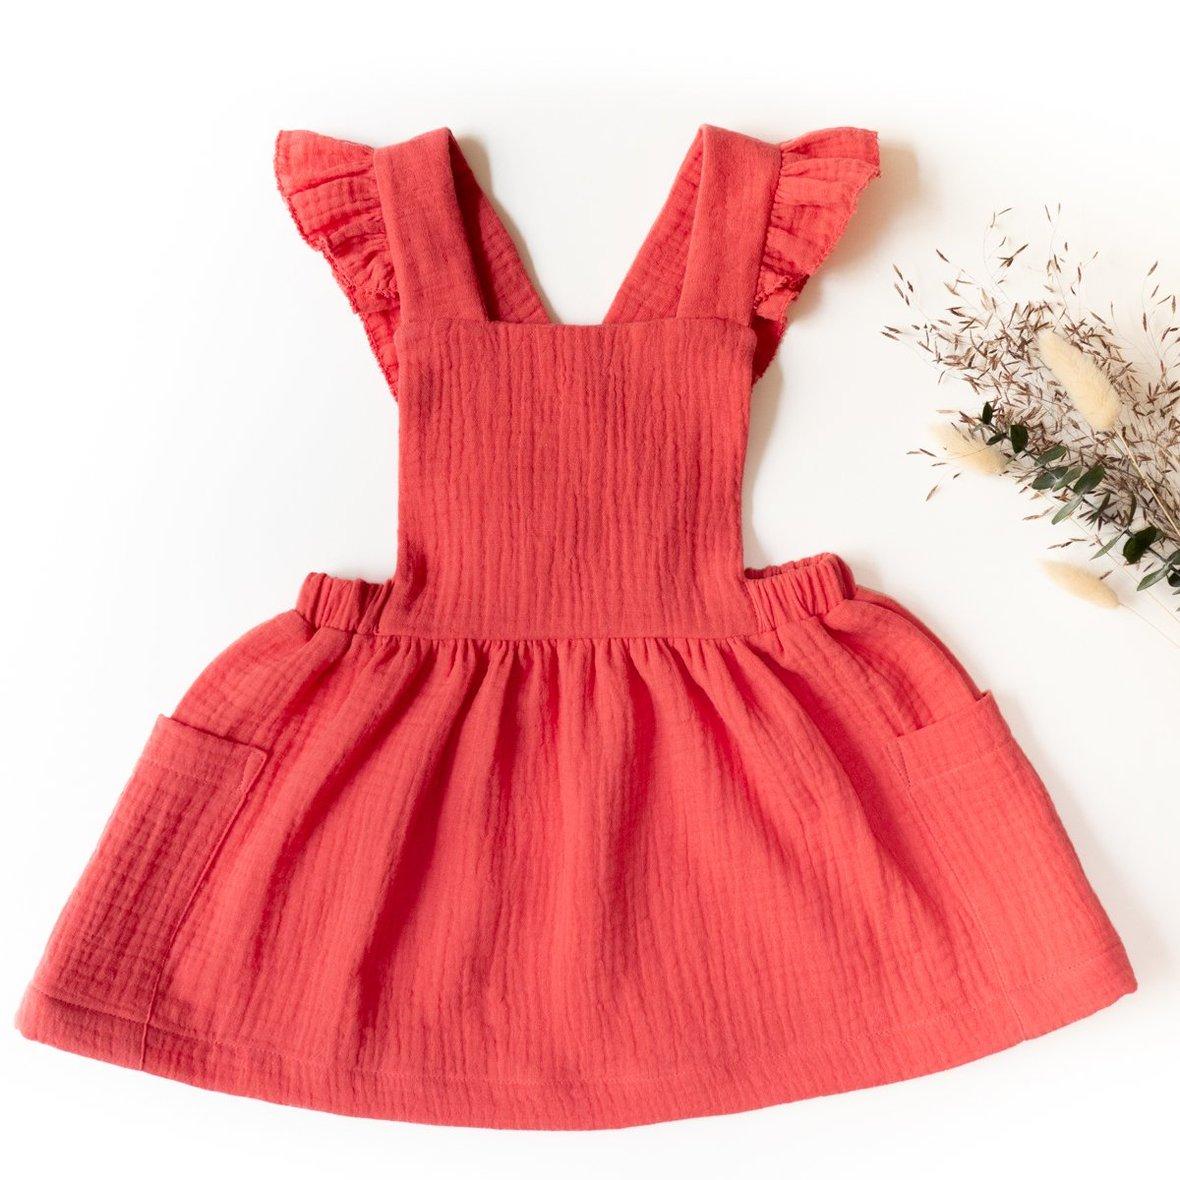 Milano Dress- Ikatee